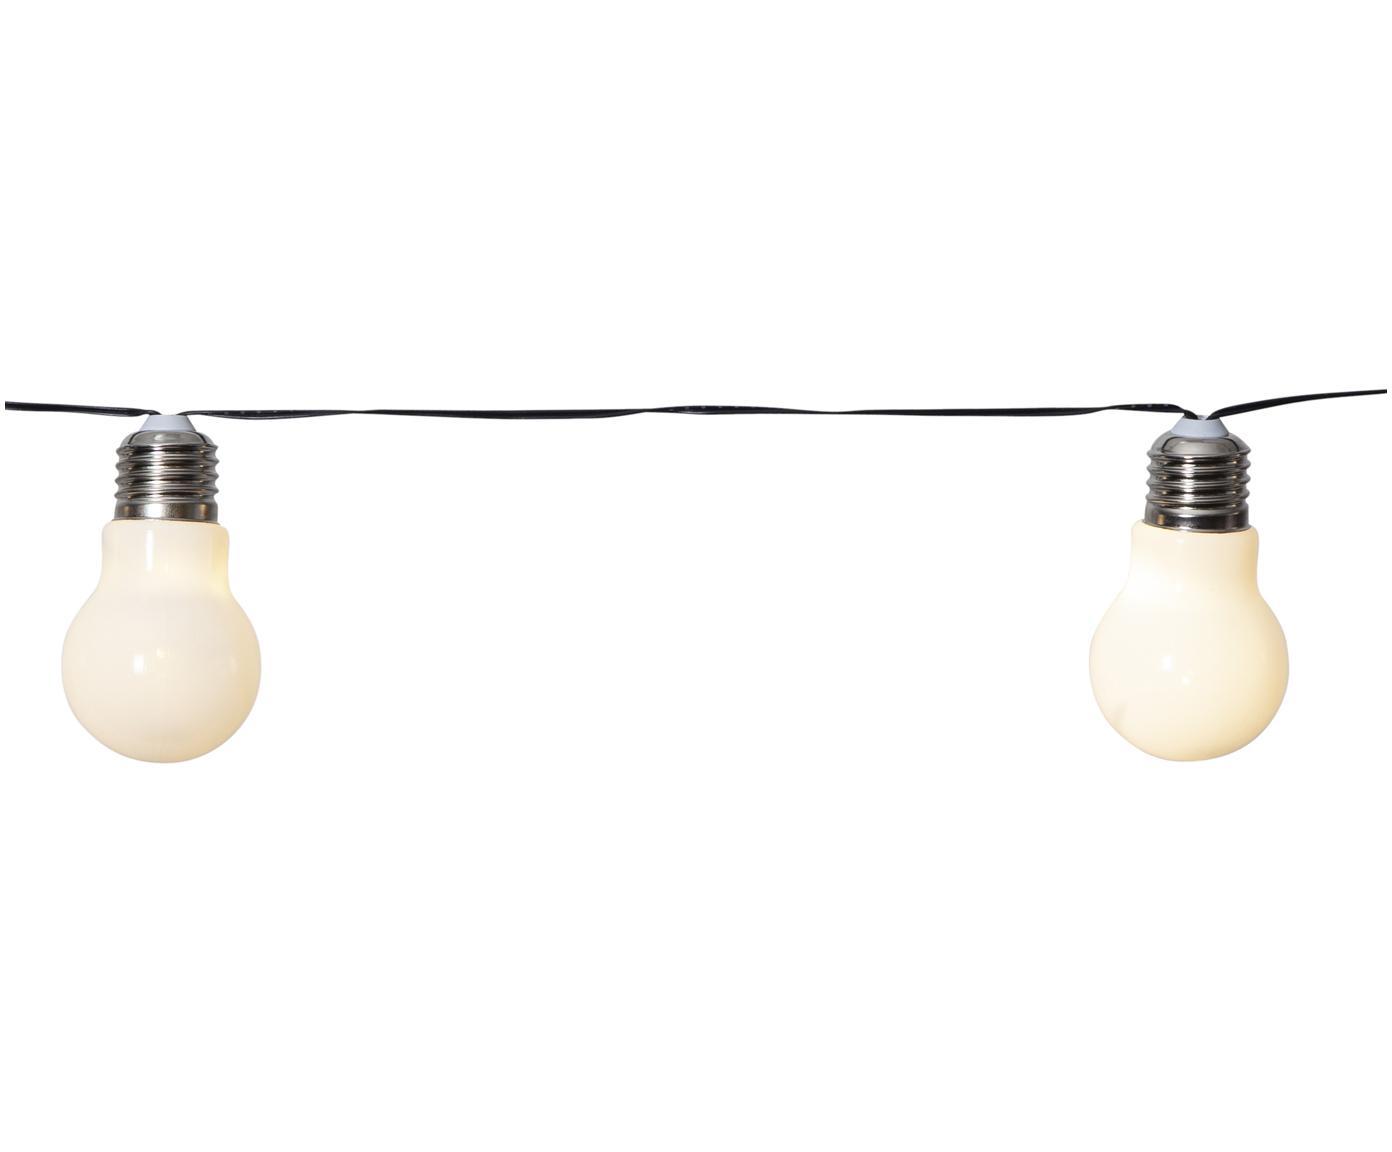 LED Lichterkette Glow, 100 cm, Weiß, L 100 cm